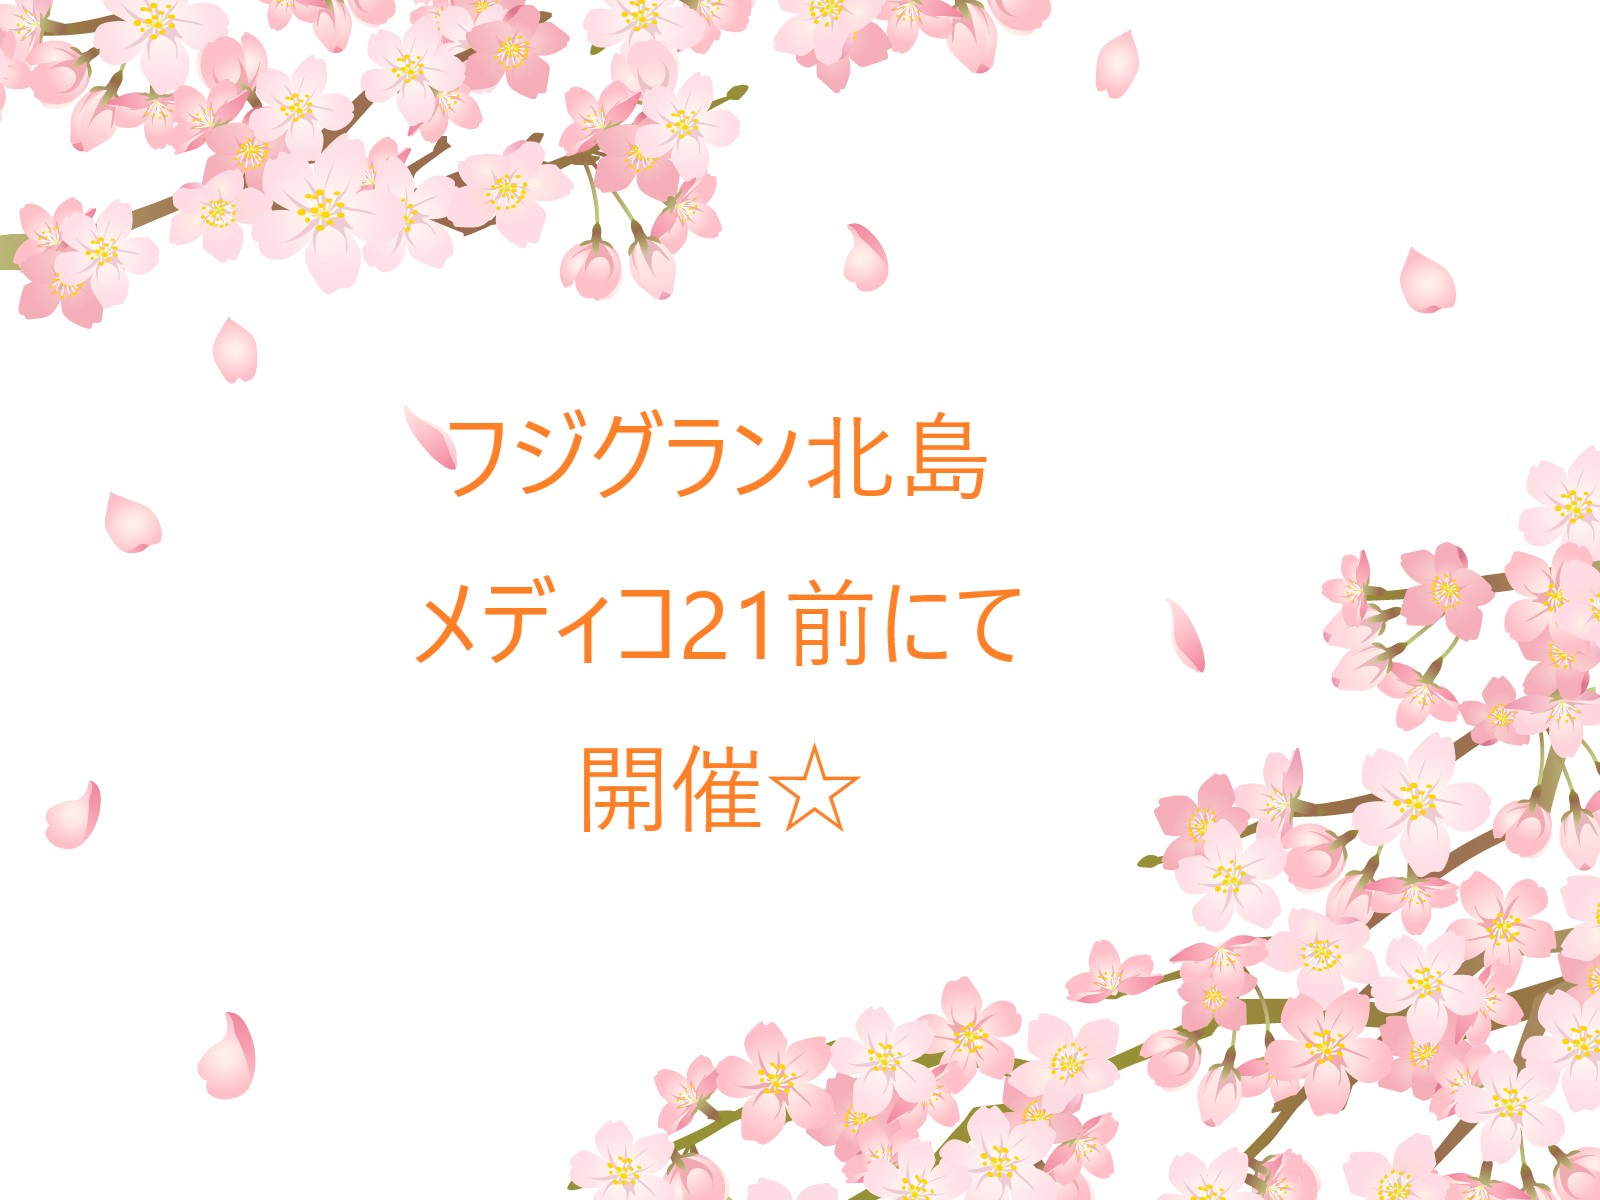 明日の登録会のお知らせ!